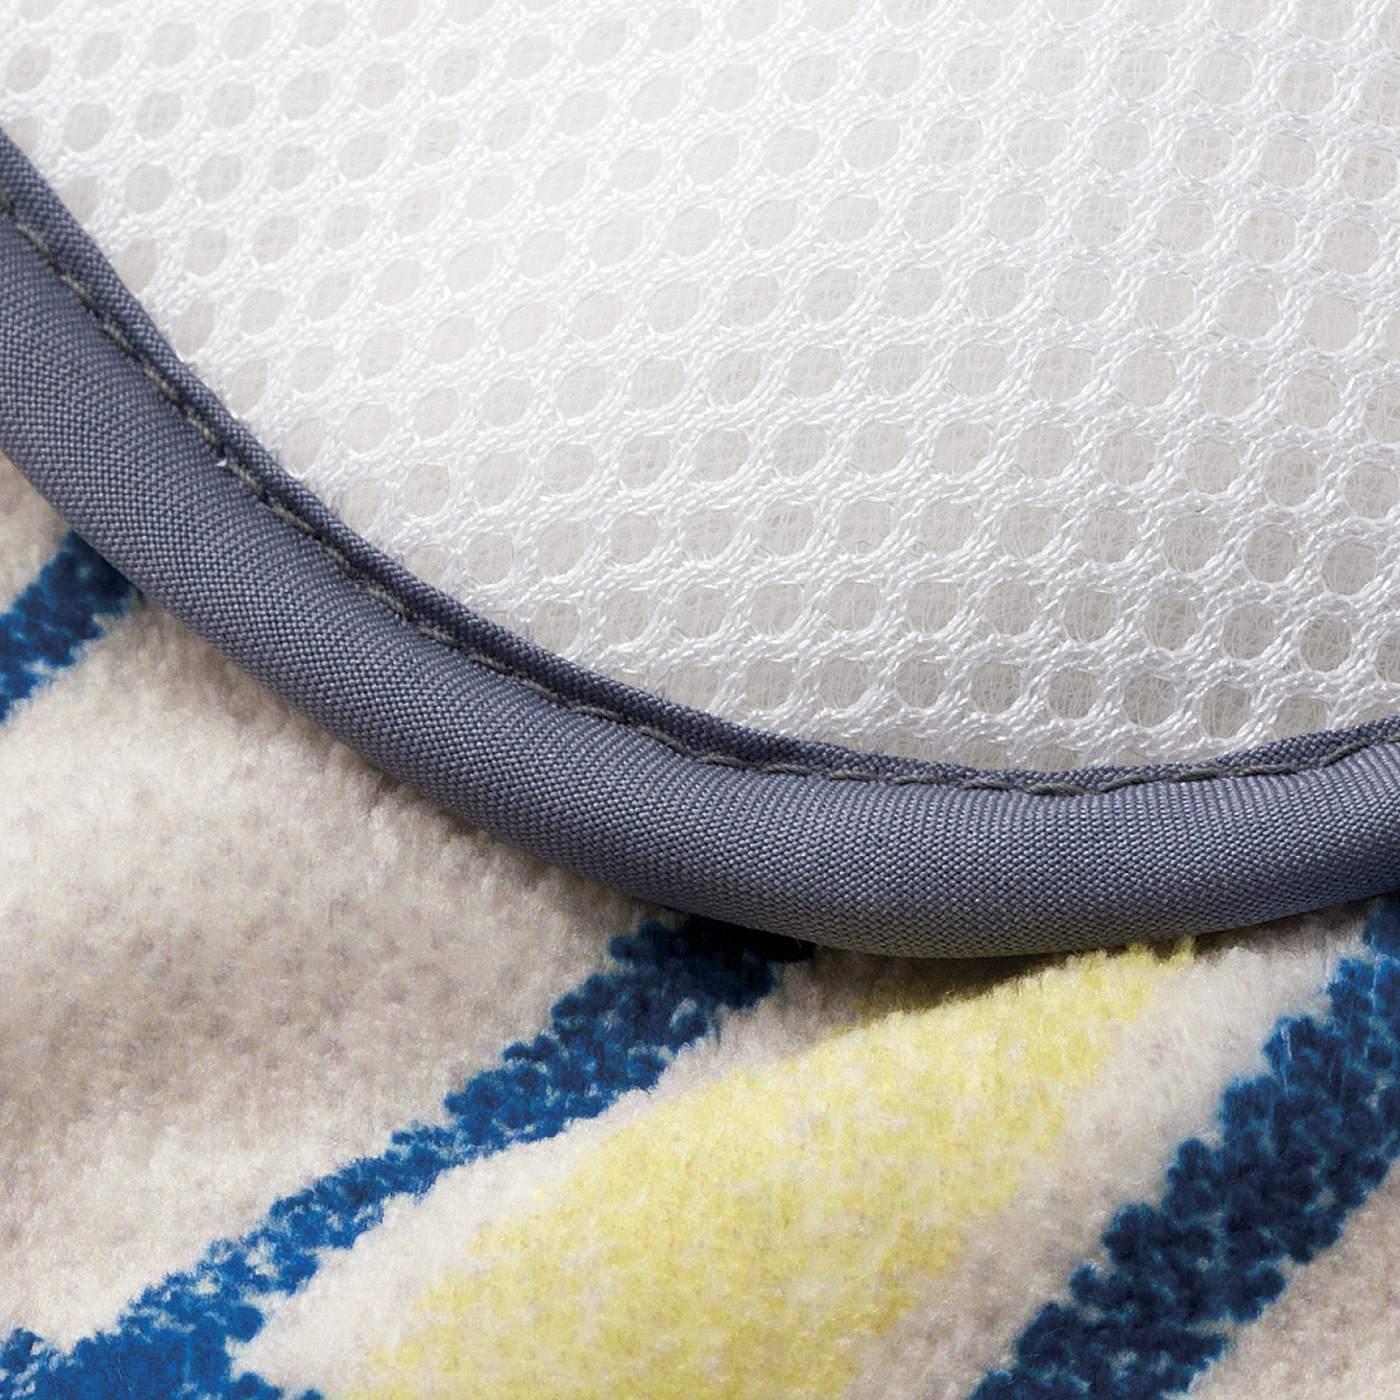 表は、吸水・速乾性のあるマイクロファイバー素材で、裏は、乾きやすいメッシュ素材だからいつでも足もとが快適。